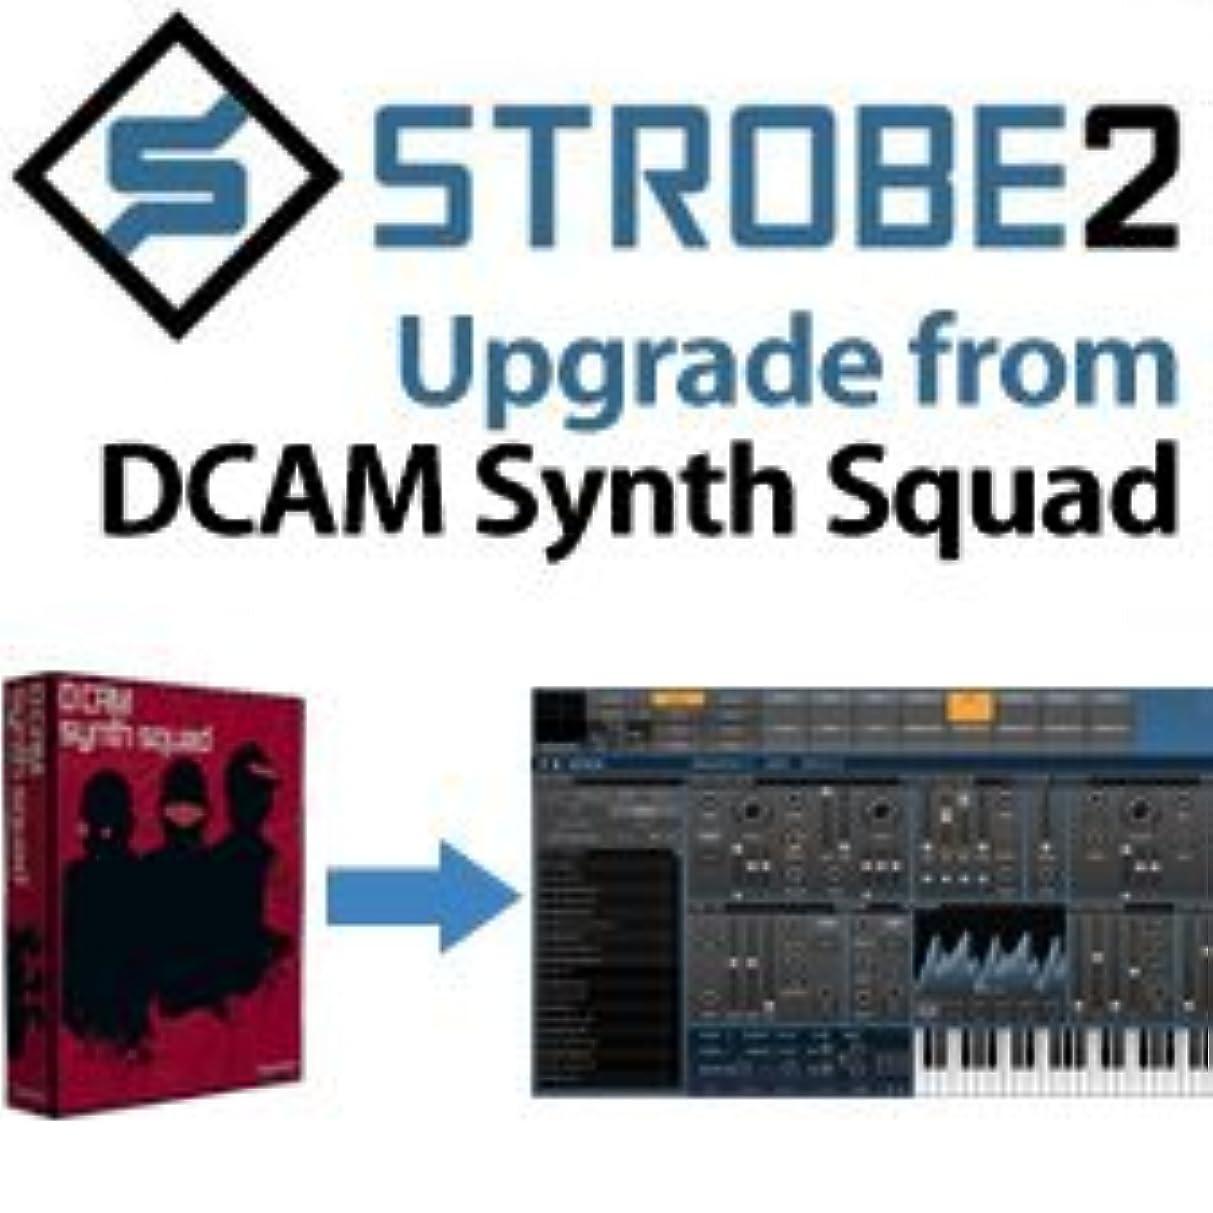 遡る教養がある前投薬【国内正規品】fxpansion STROBE2 Upgrade from DCAM Synth Squad アナログモデリング?パフォーマンス?シンセサイザー